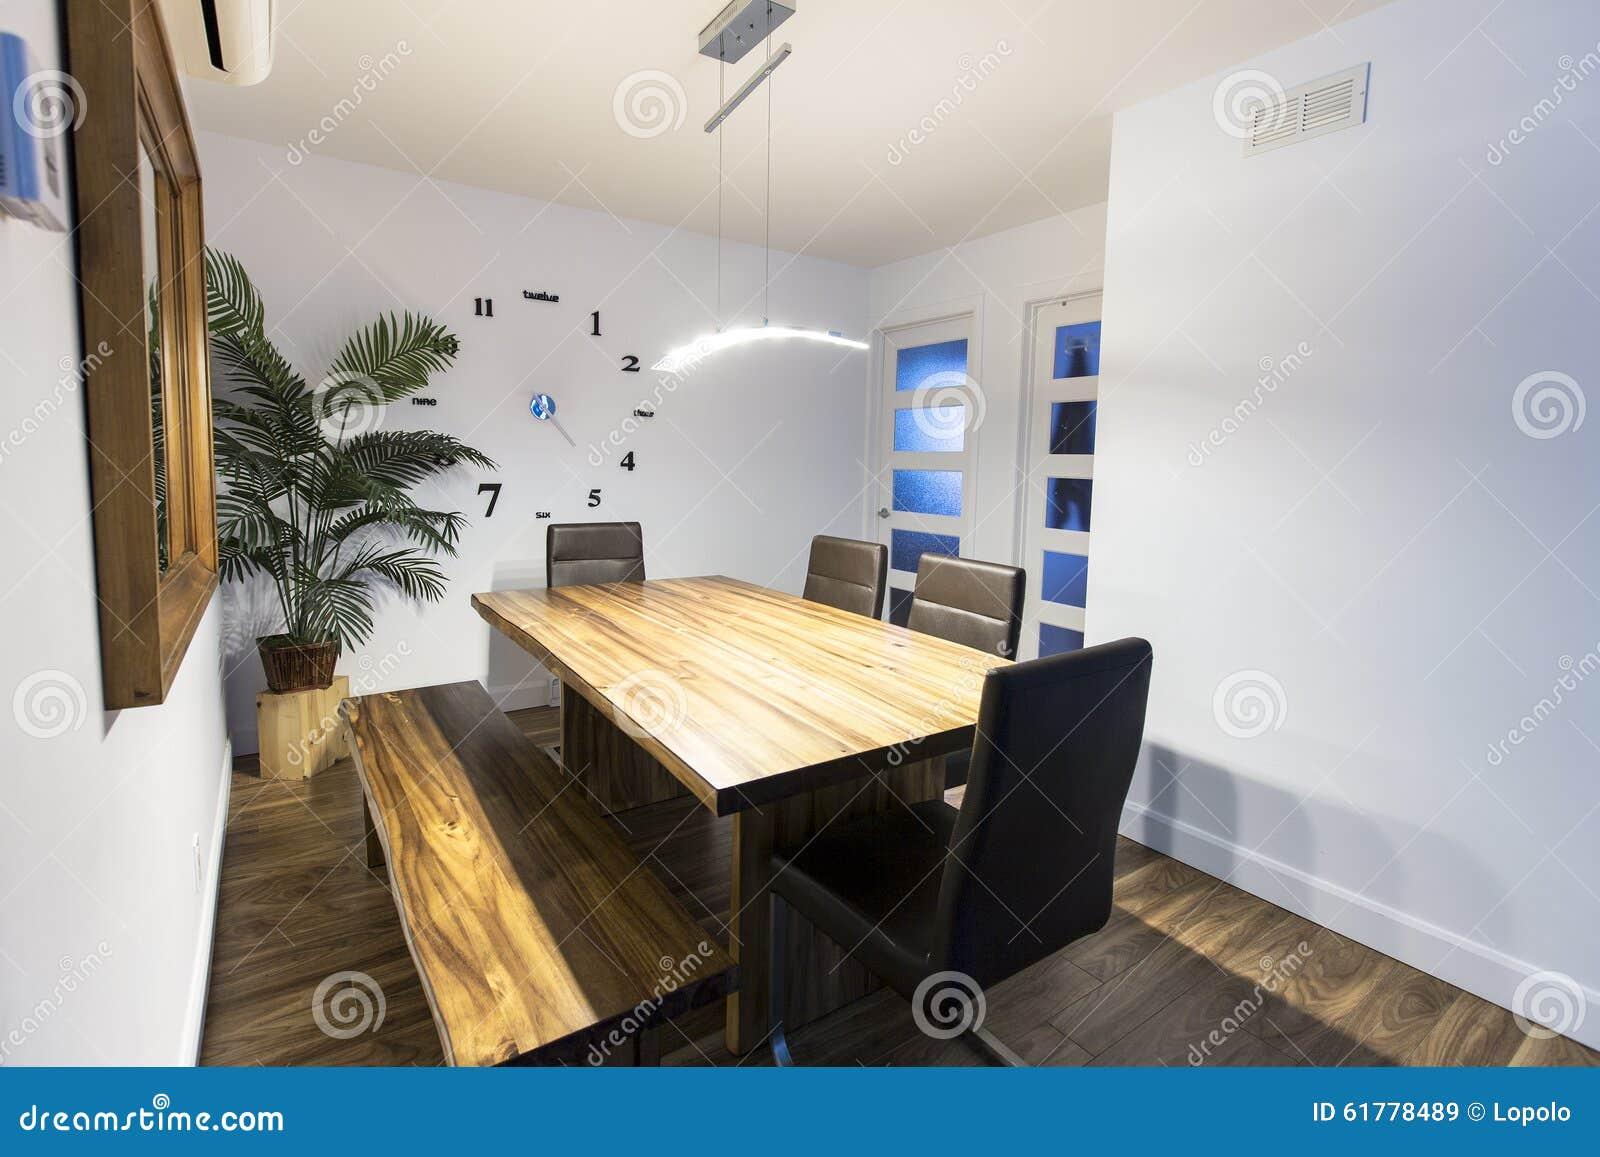 Tavoli Da Cucina In Legno : Tavolo da cucina di legno interno domestico rurale immagine stock